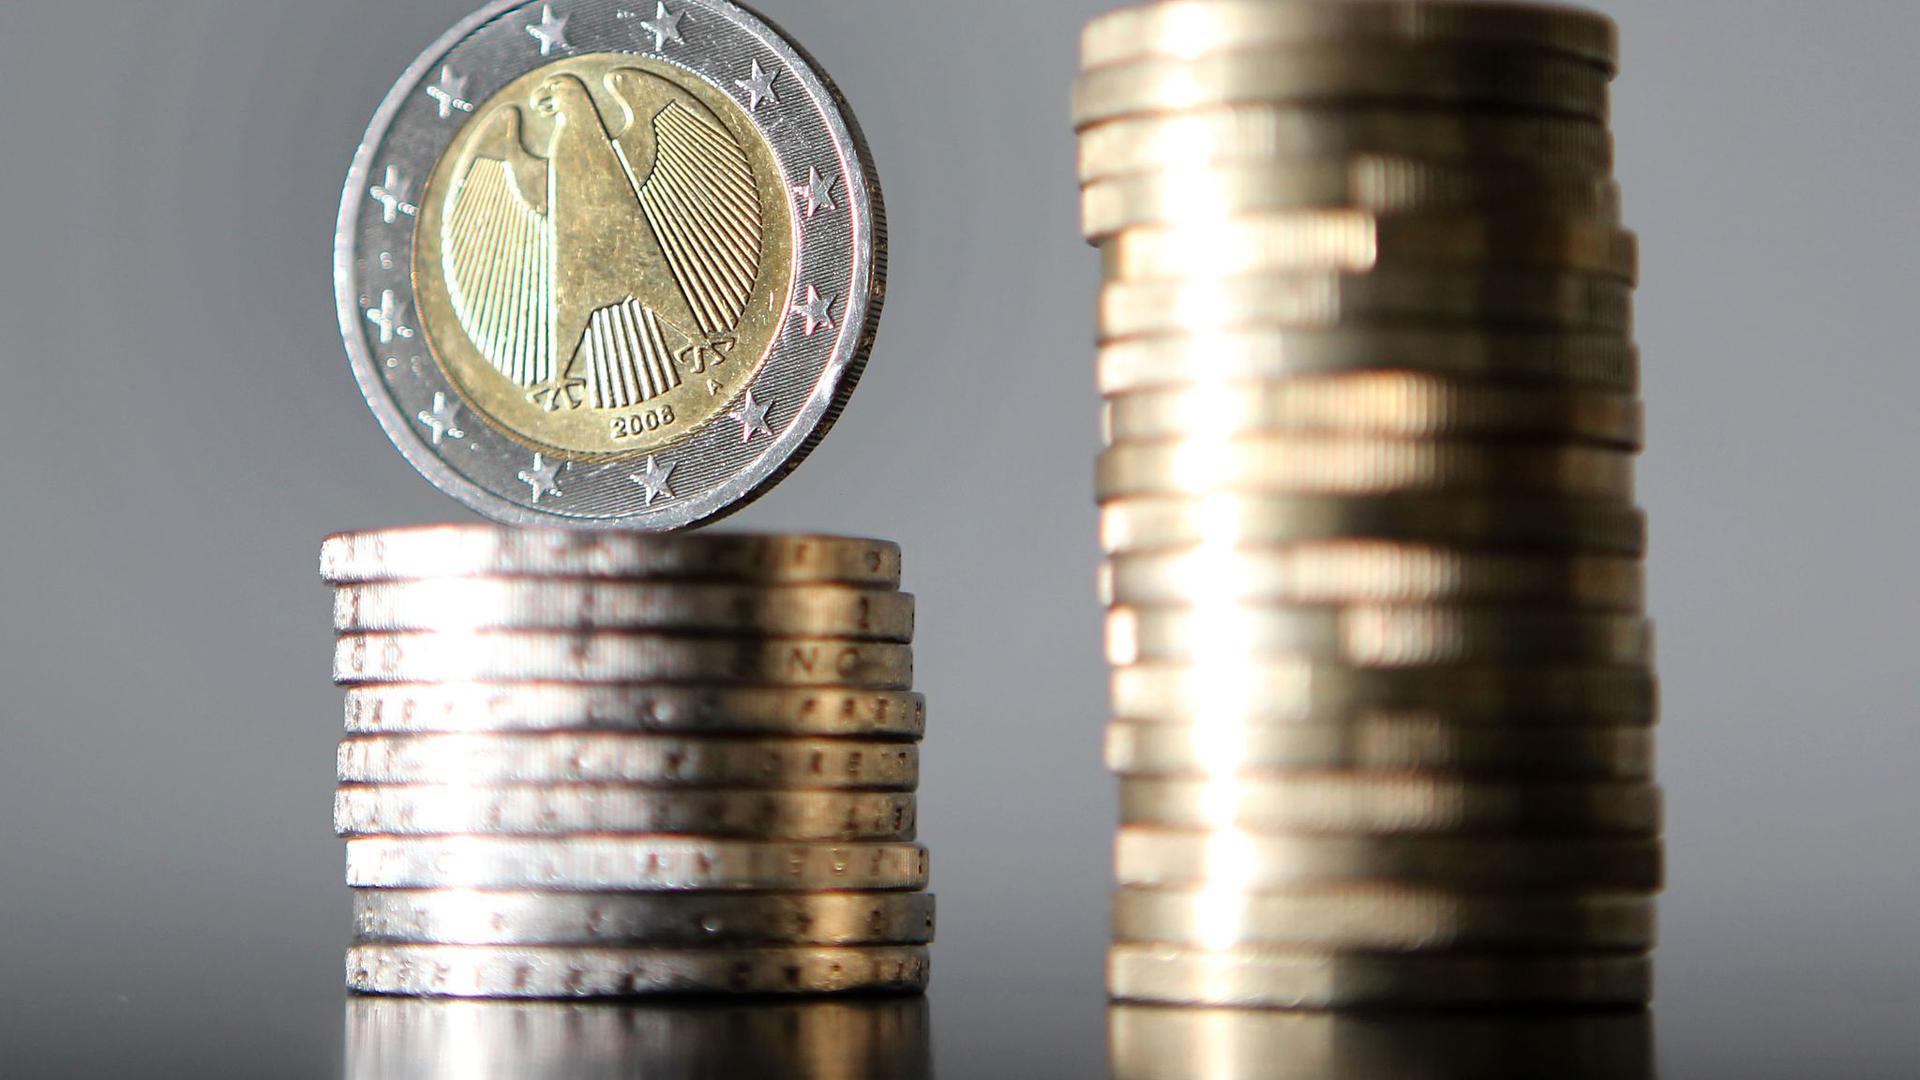 In der EUkönnte es bald mehr Steuertransparenz großer Unternehmen geben.